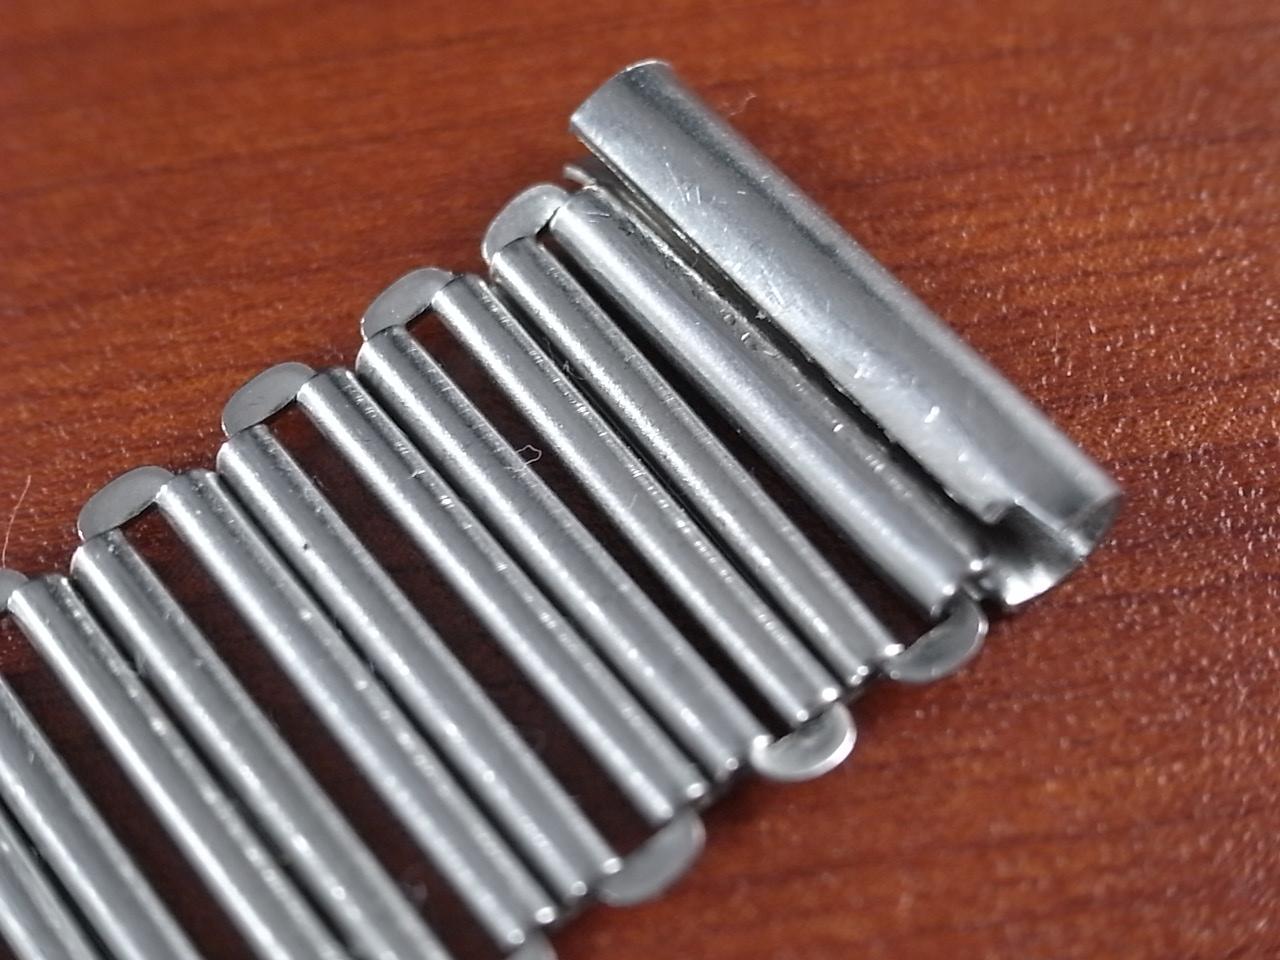 ボンクリップ バンブーブレス SS 筆記体体ロゴ 16㎜タイプ 16㎜ BONKLIPの写真6枚目